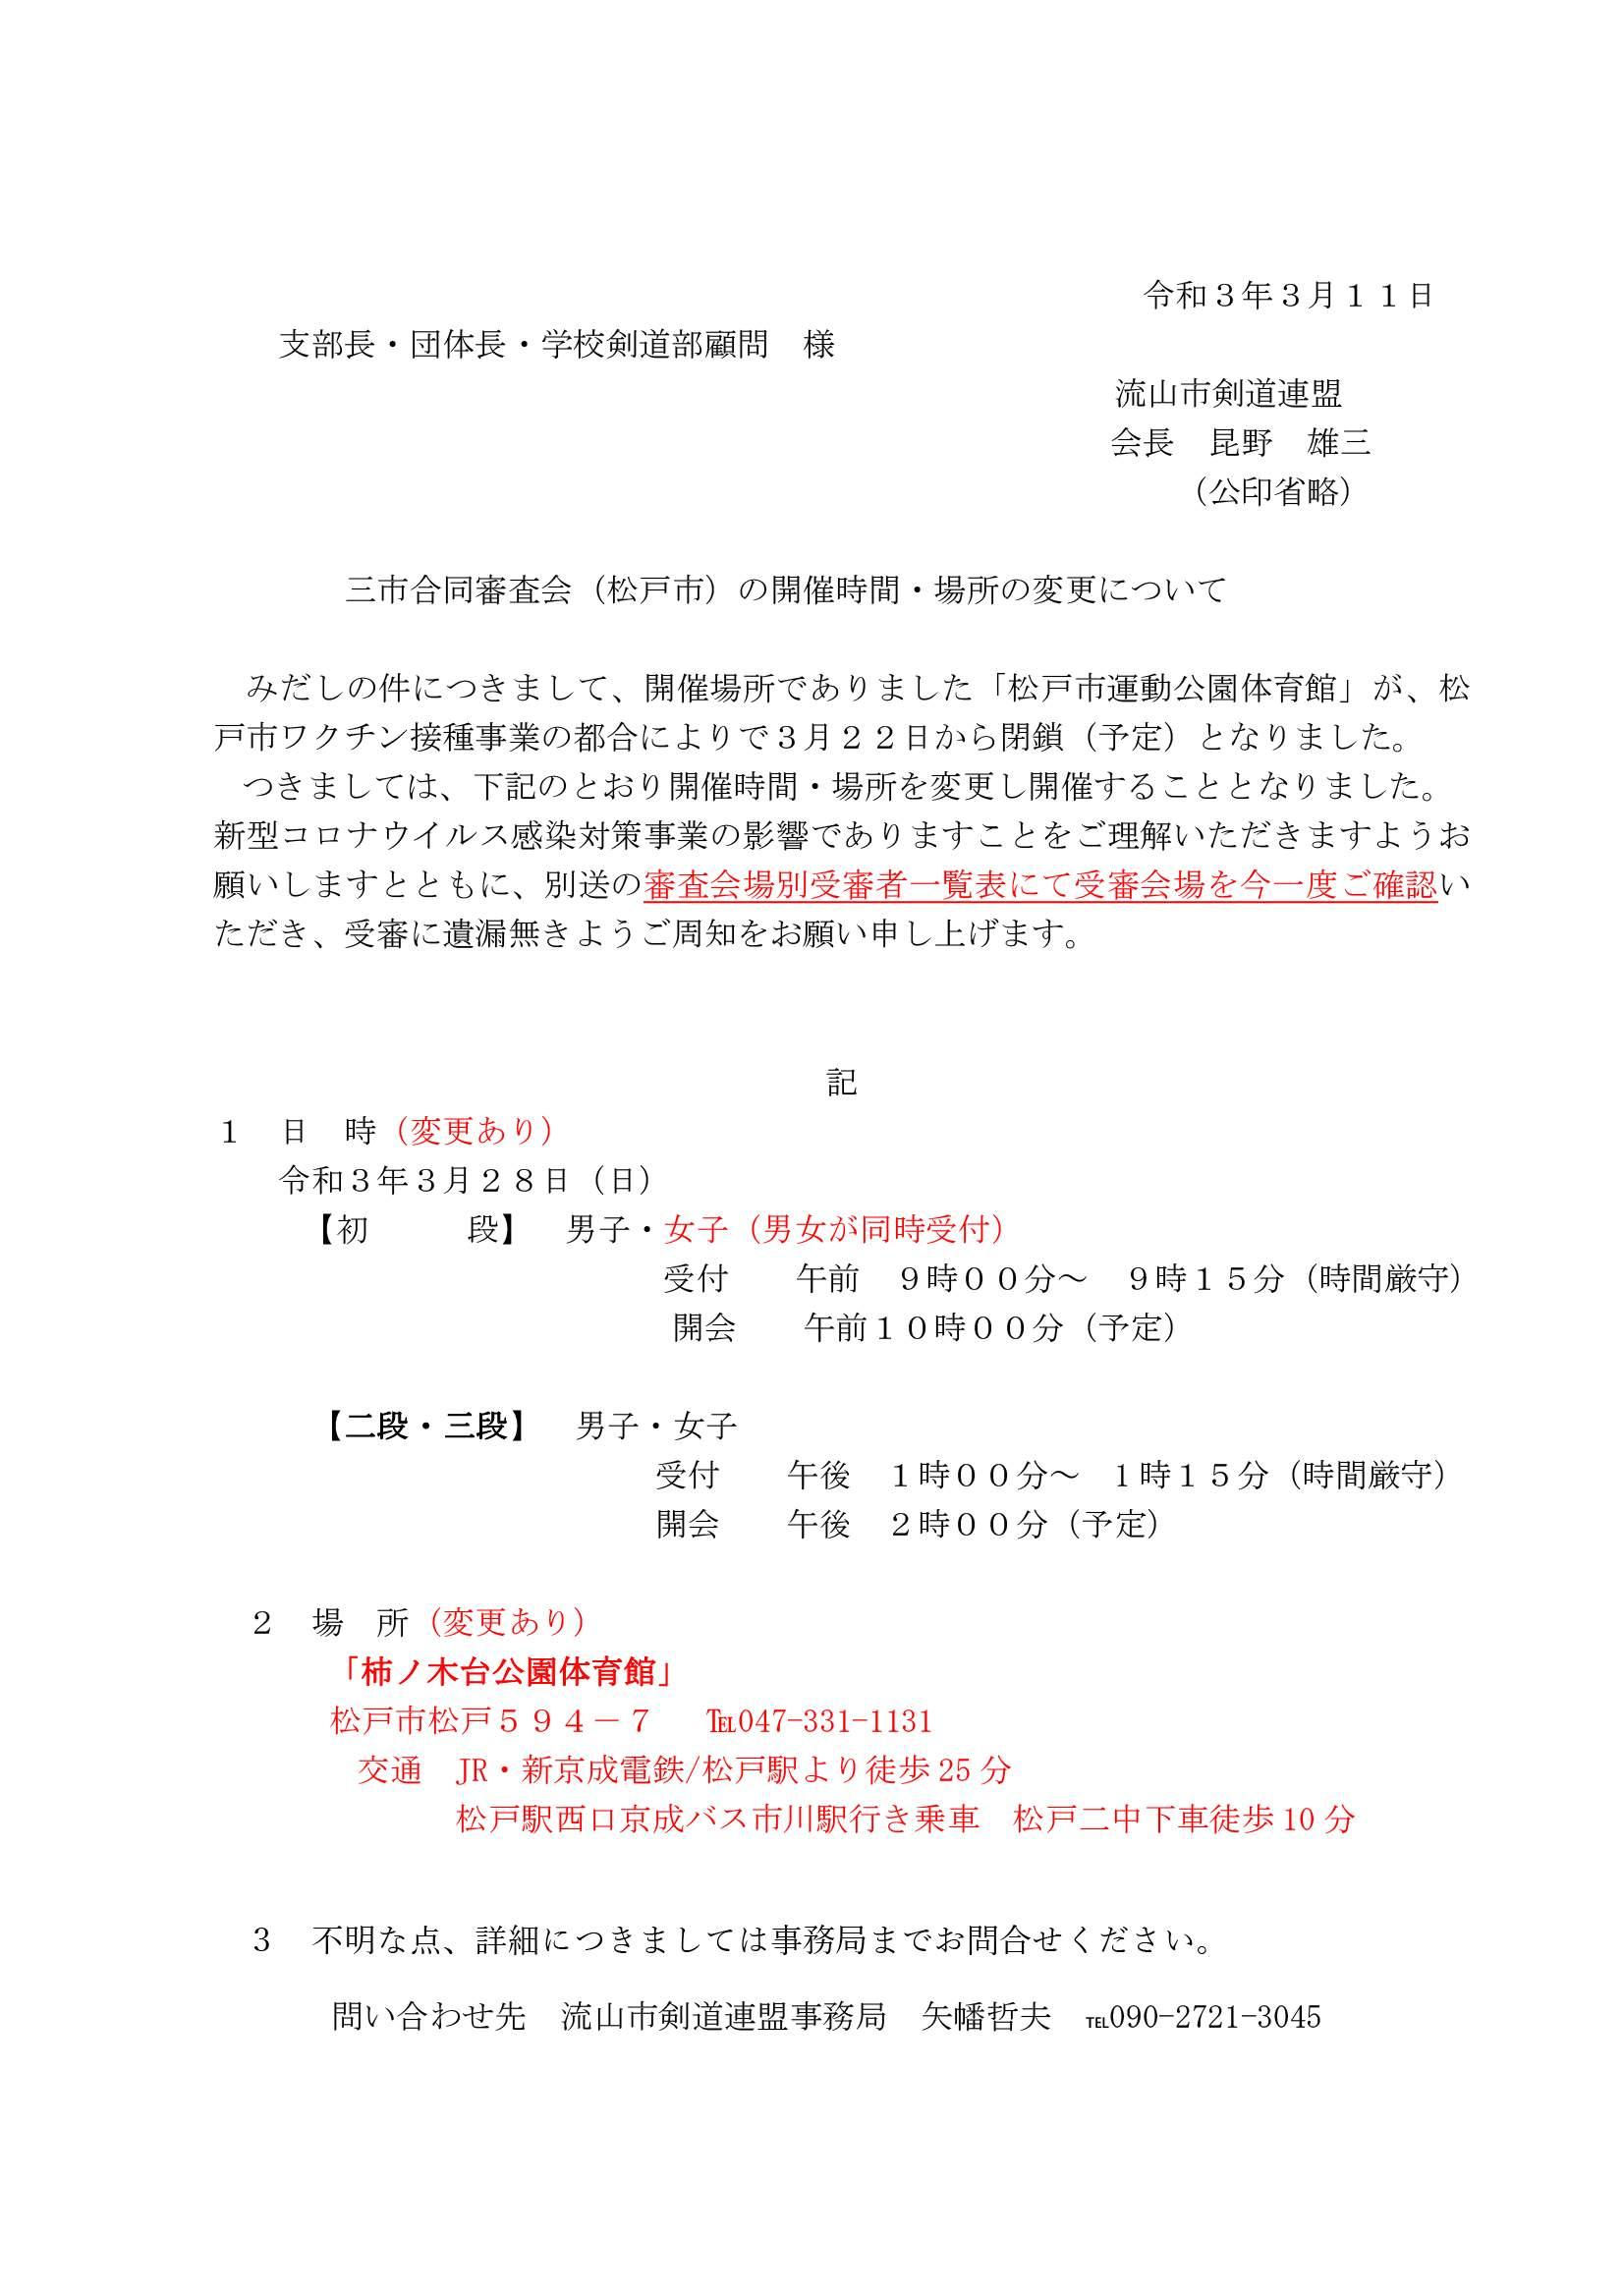 HP用R3.3.28三市合同審査会(松戸会場)変更通知_0001